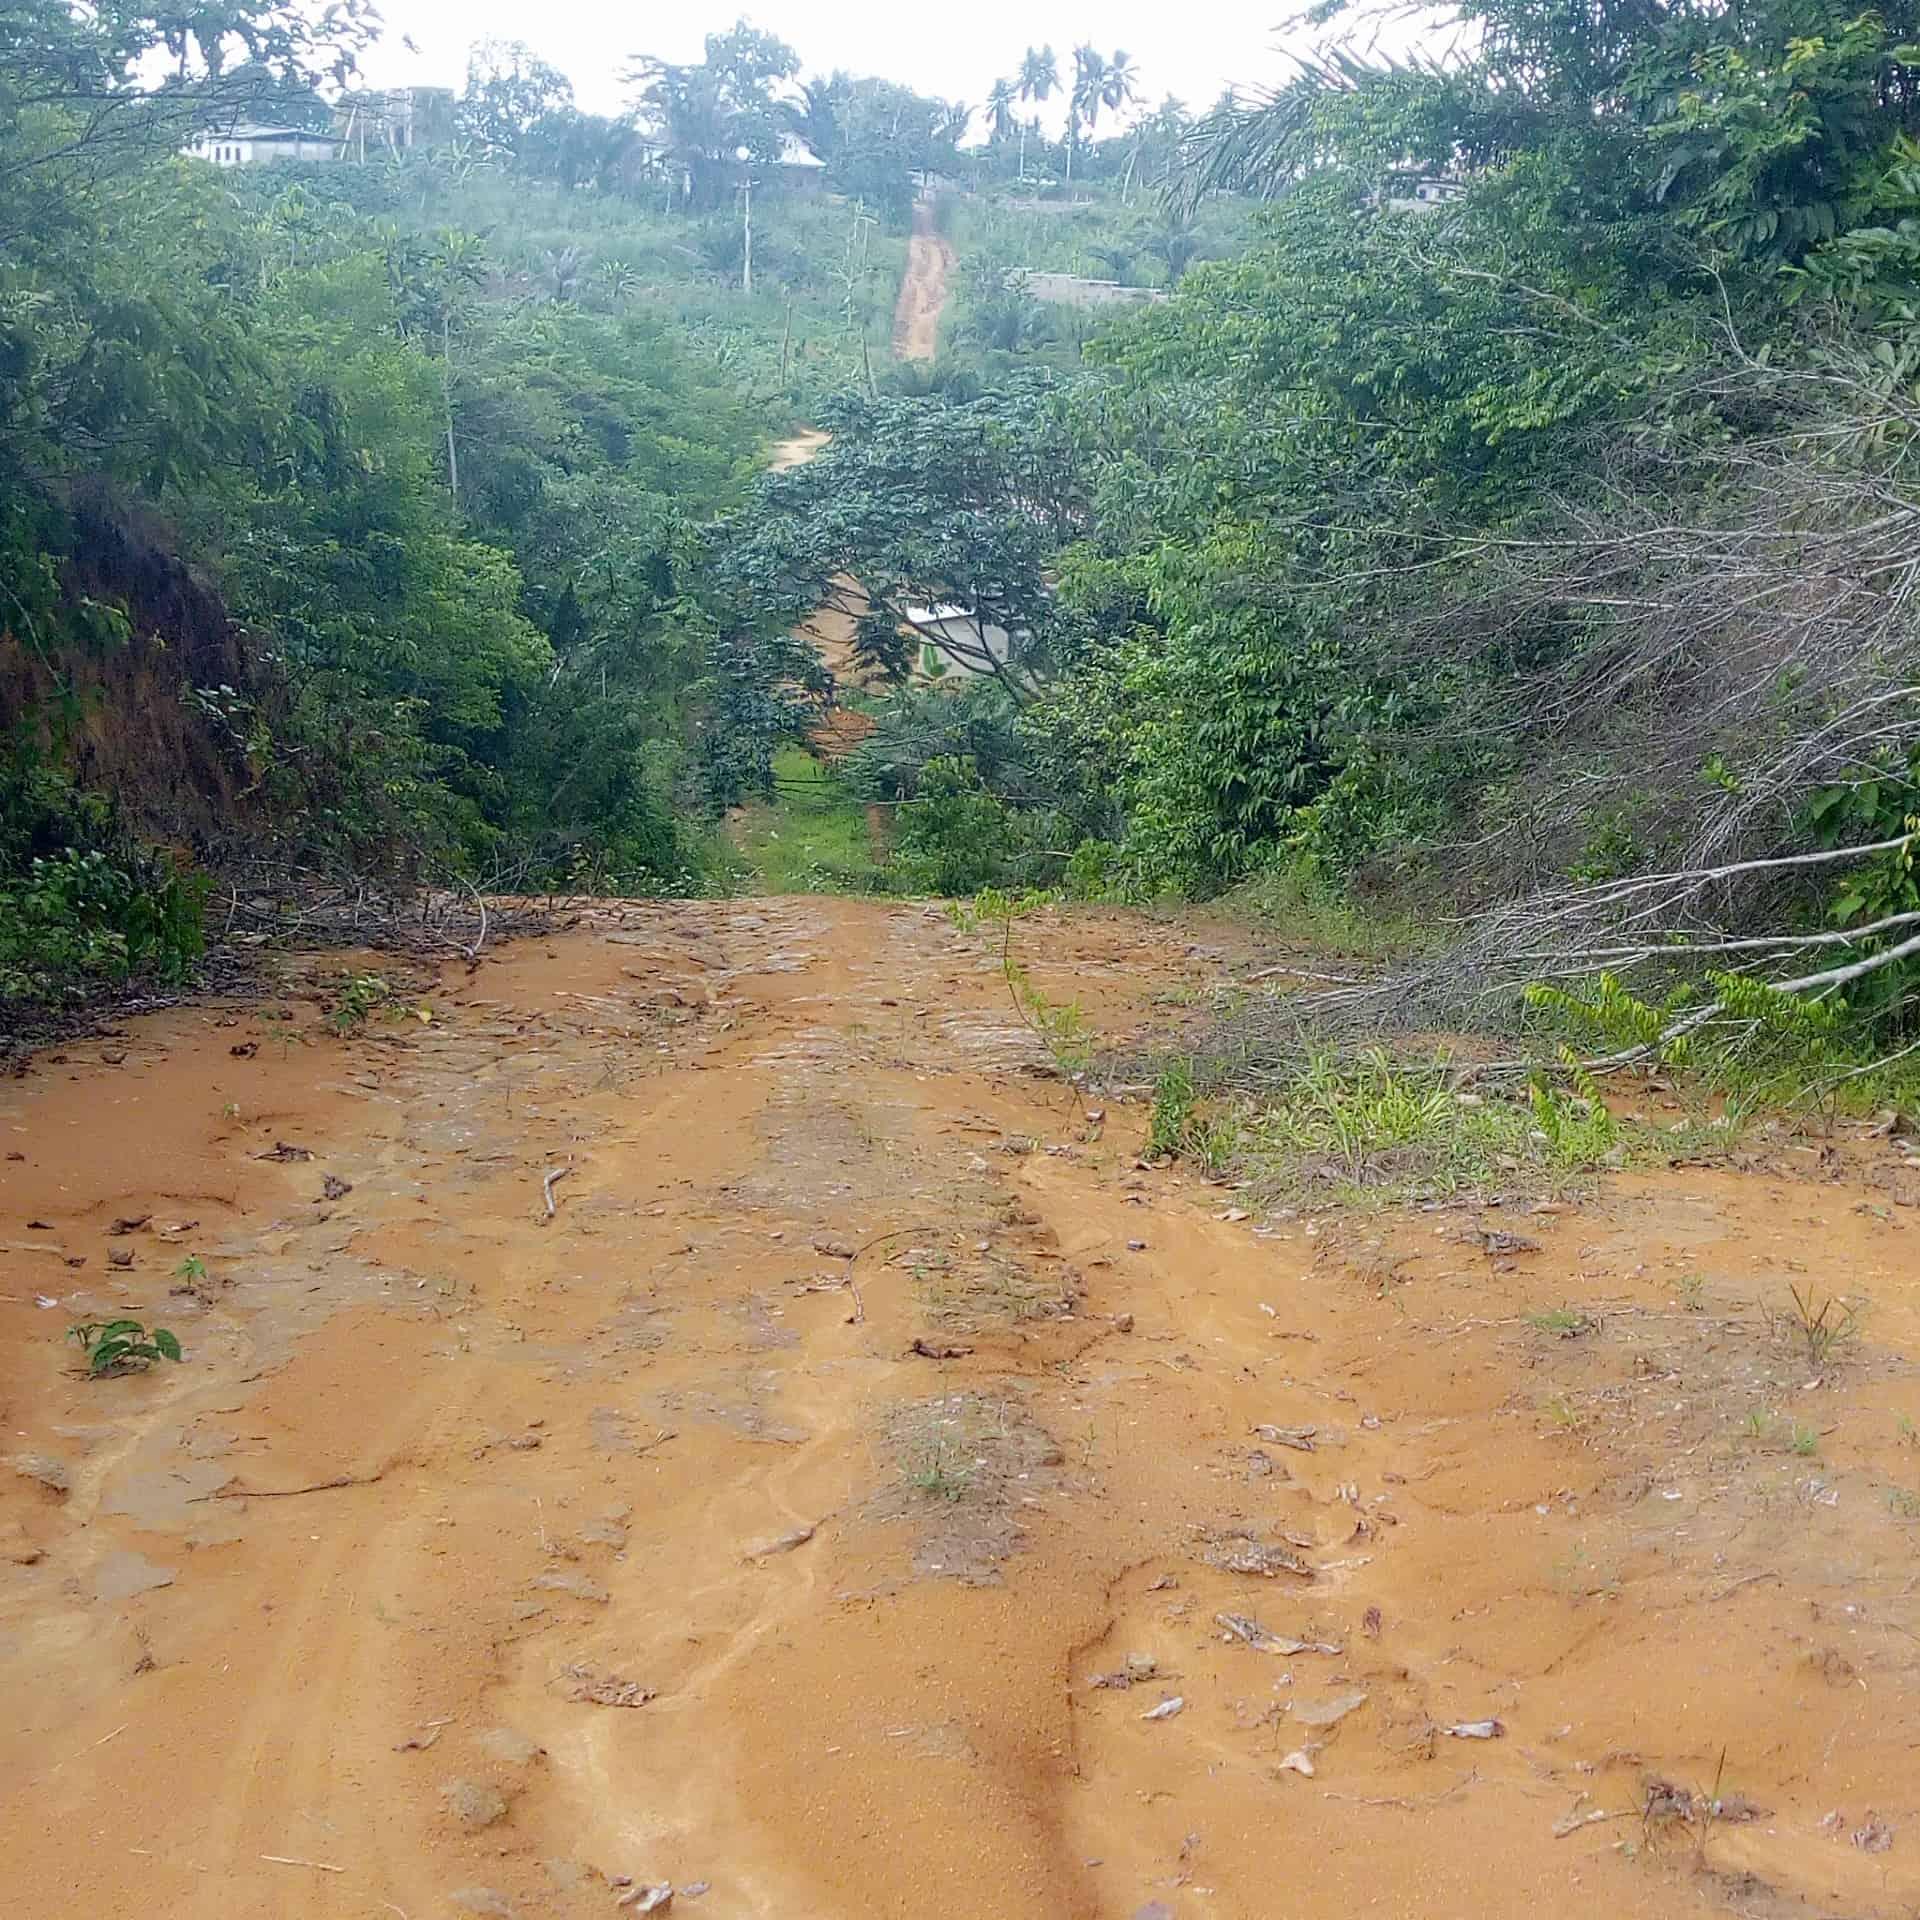 Land for sale at Douala, PK 21, Derrière église - 10000 m2 - 6 000 000 FCFA